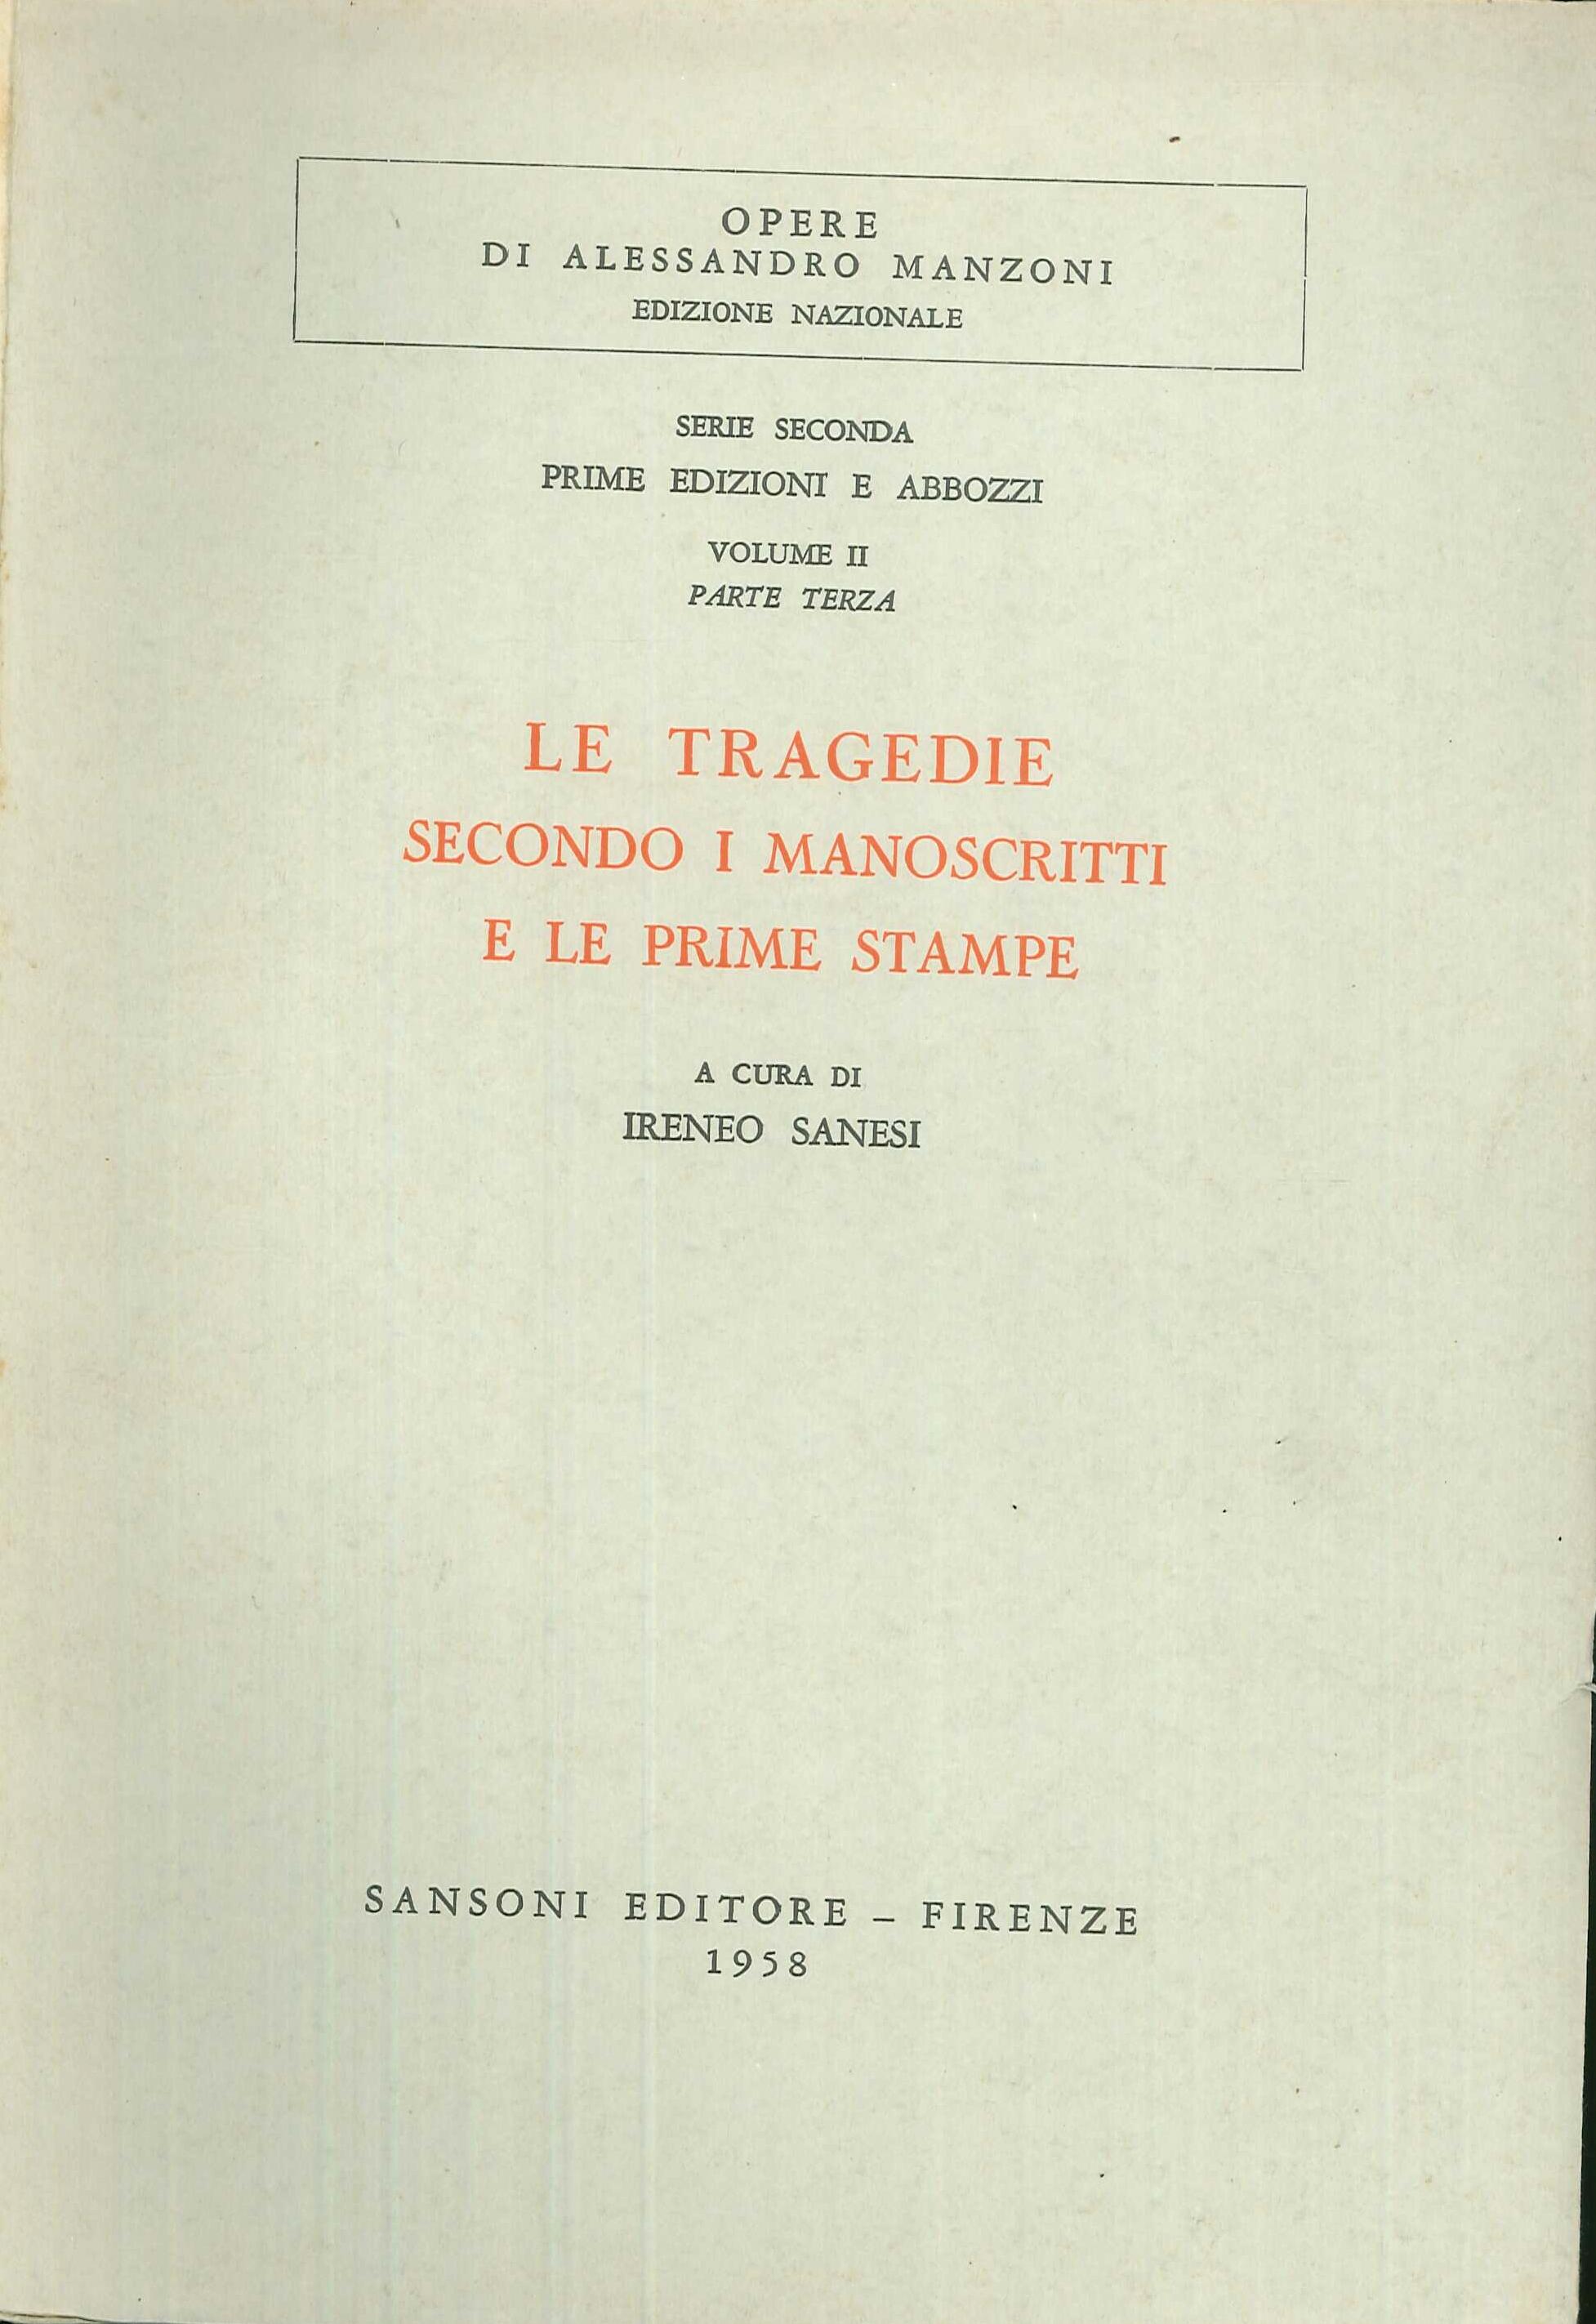 Le tragedie secondo i manoscritti e le prime stampe.